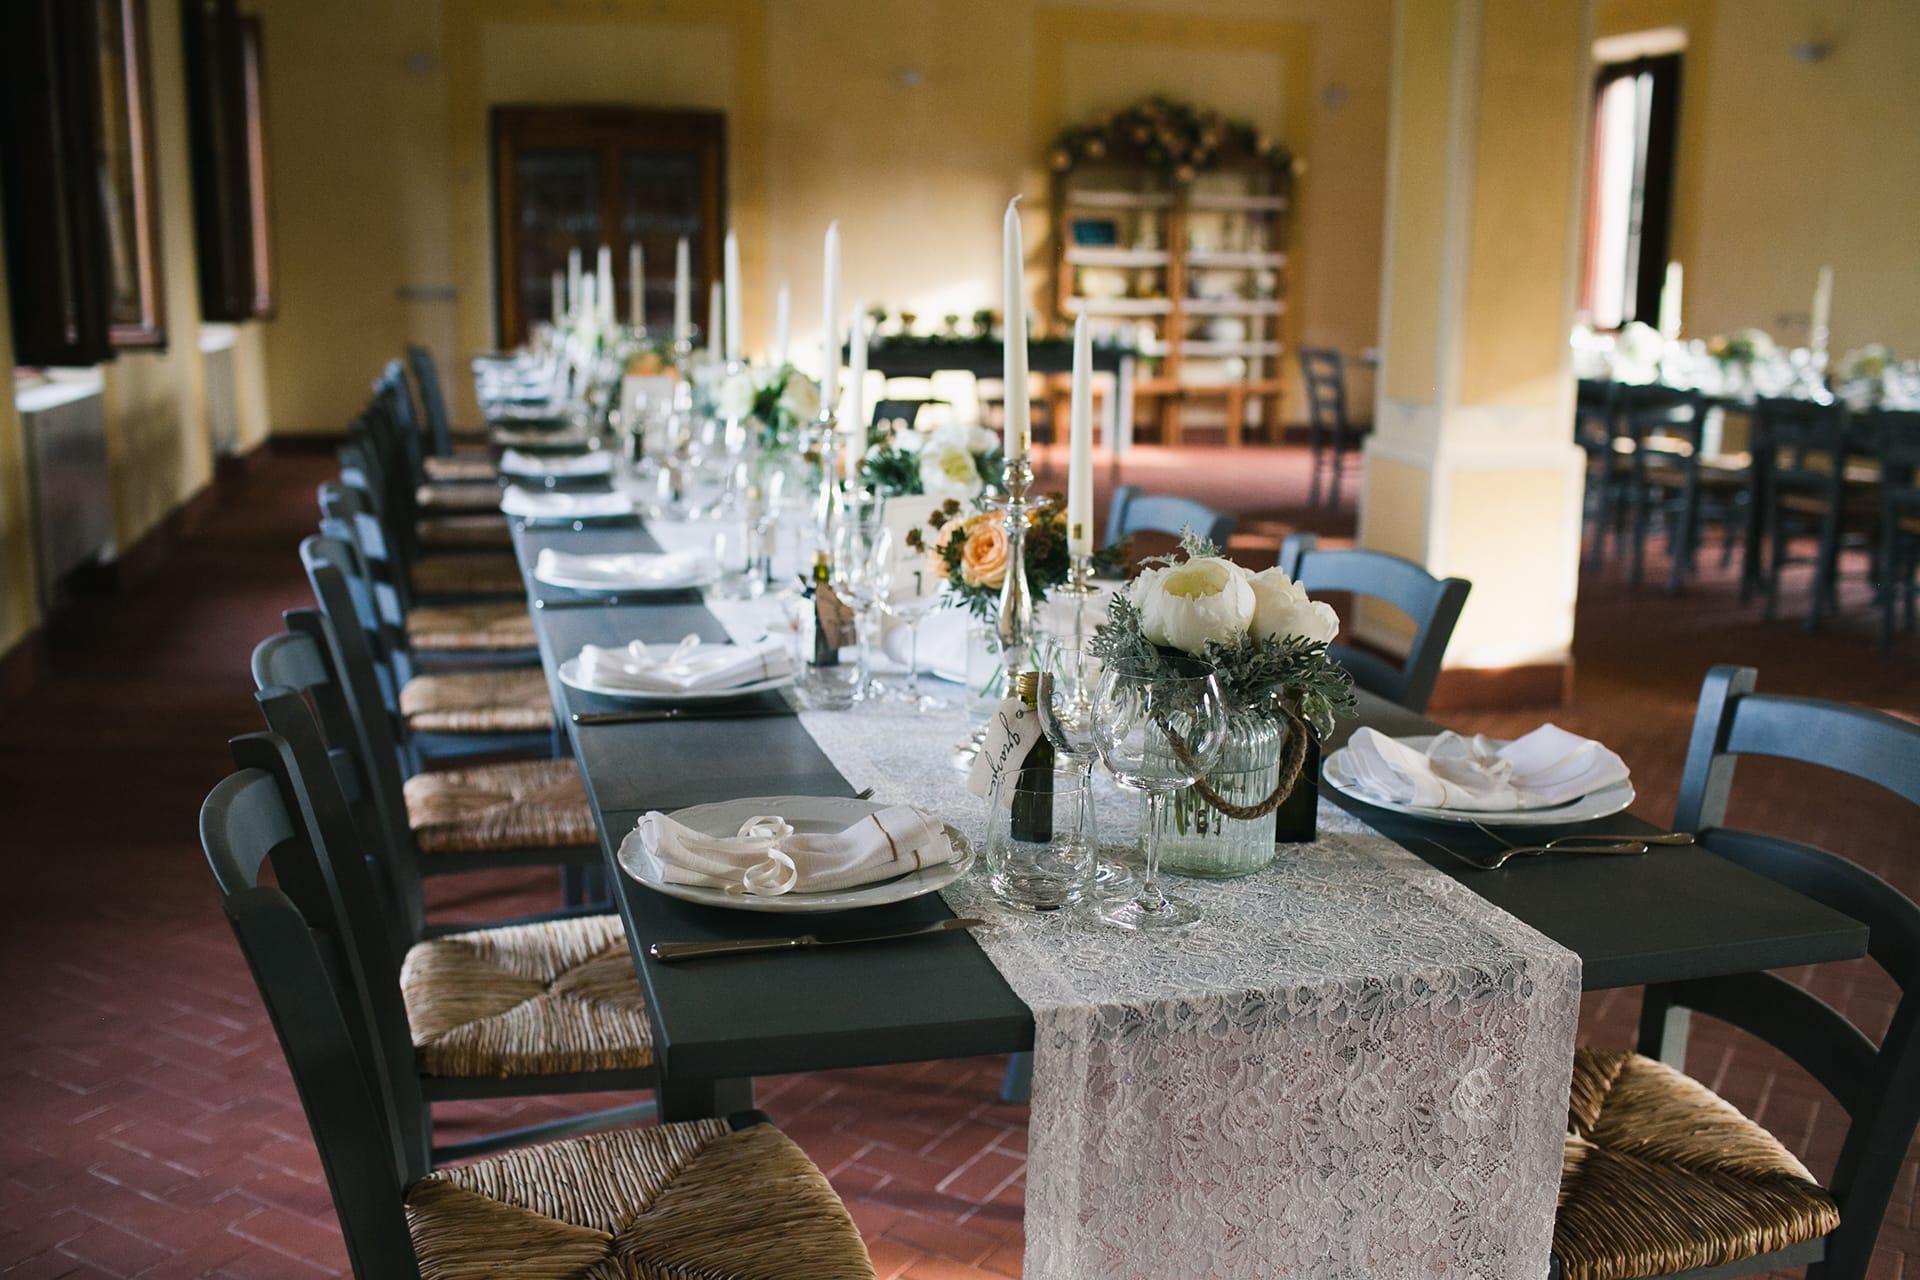 Wedding Location close to Cortona, Tuscany